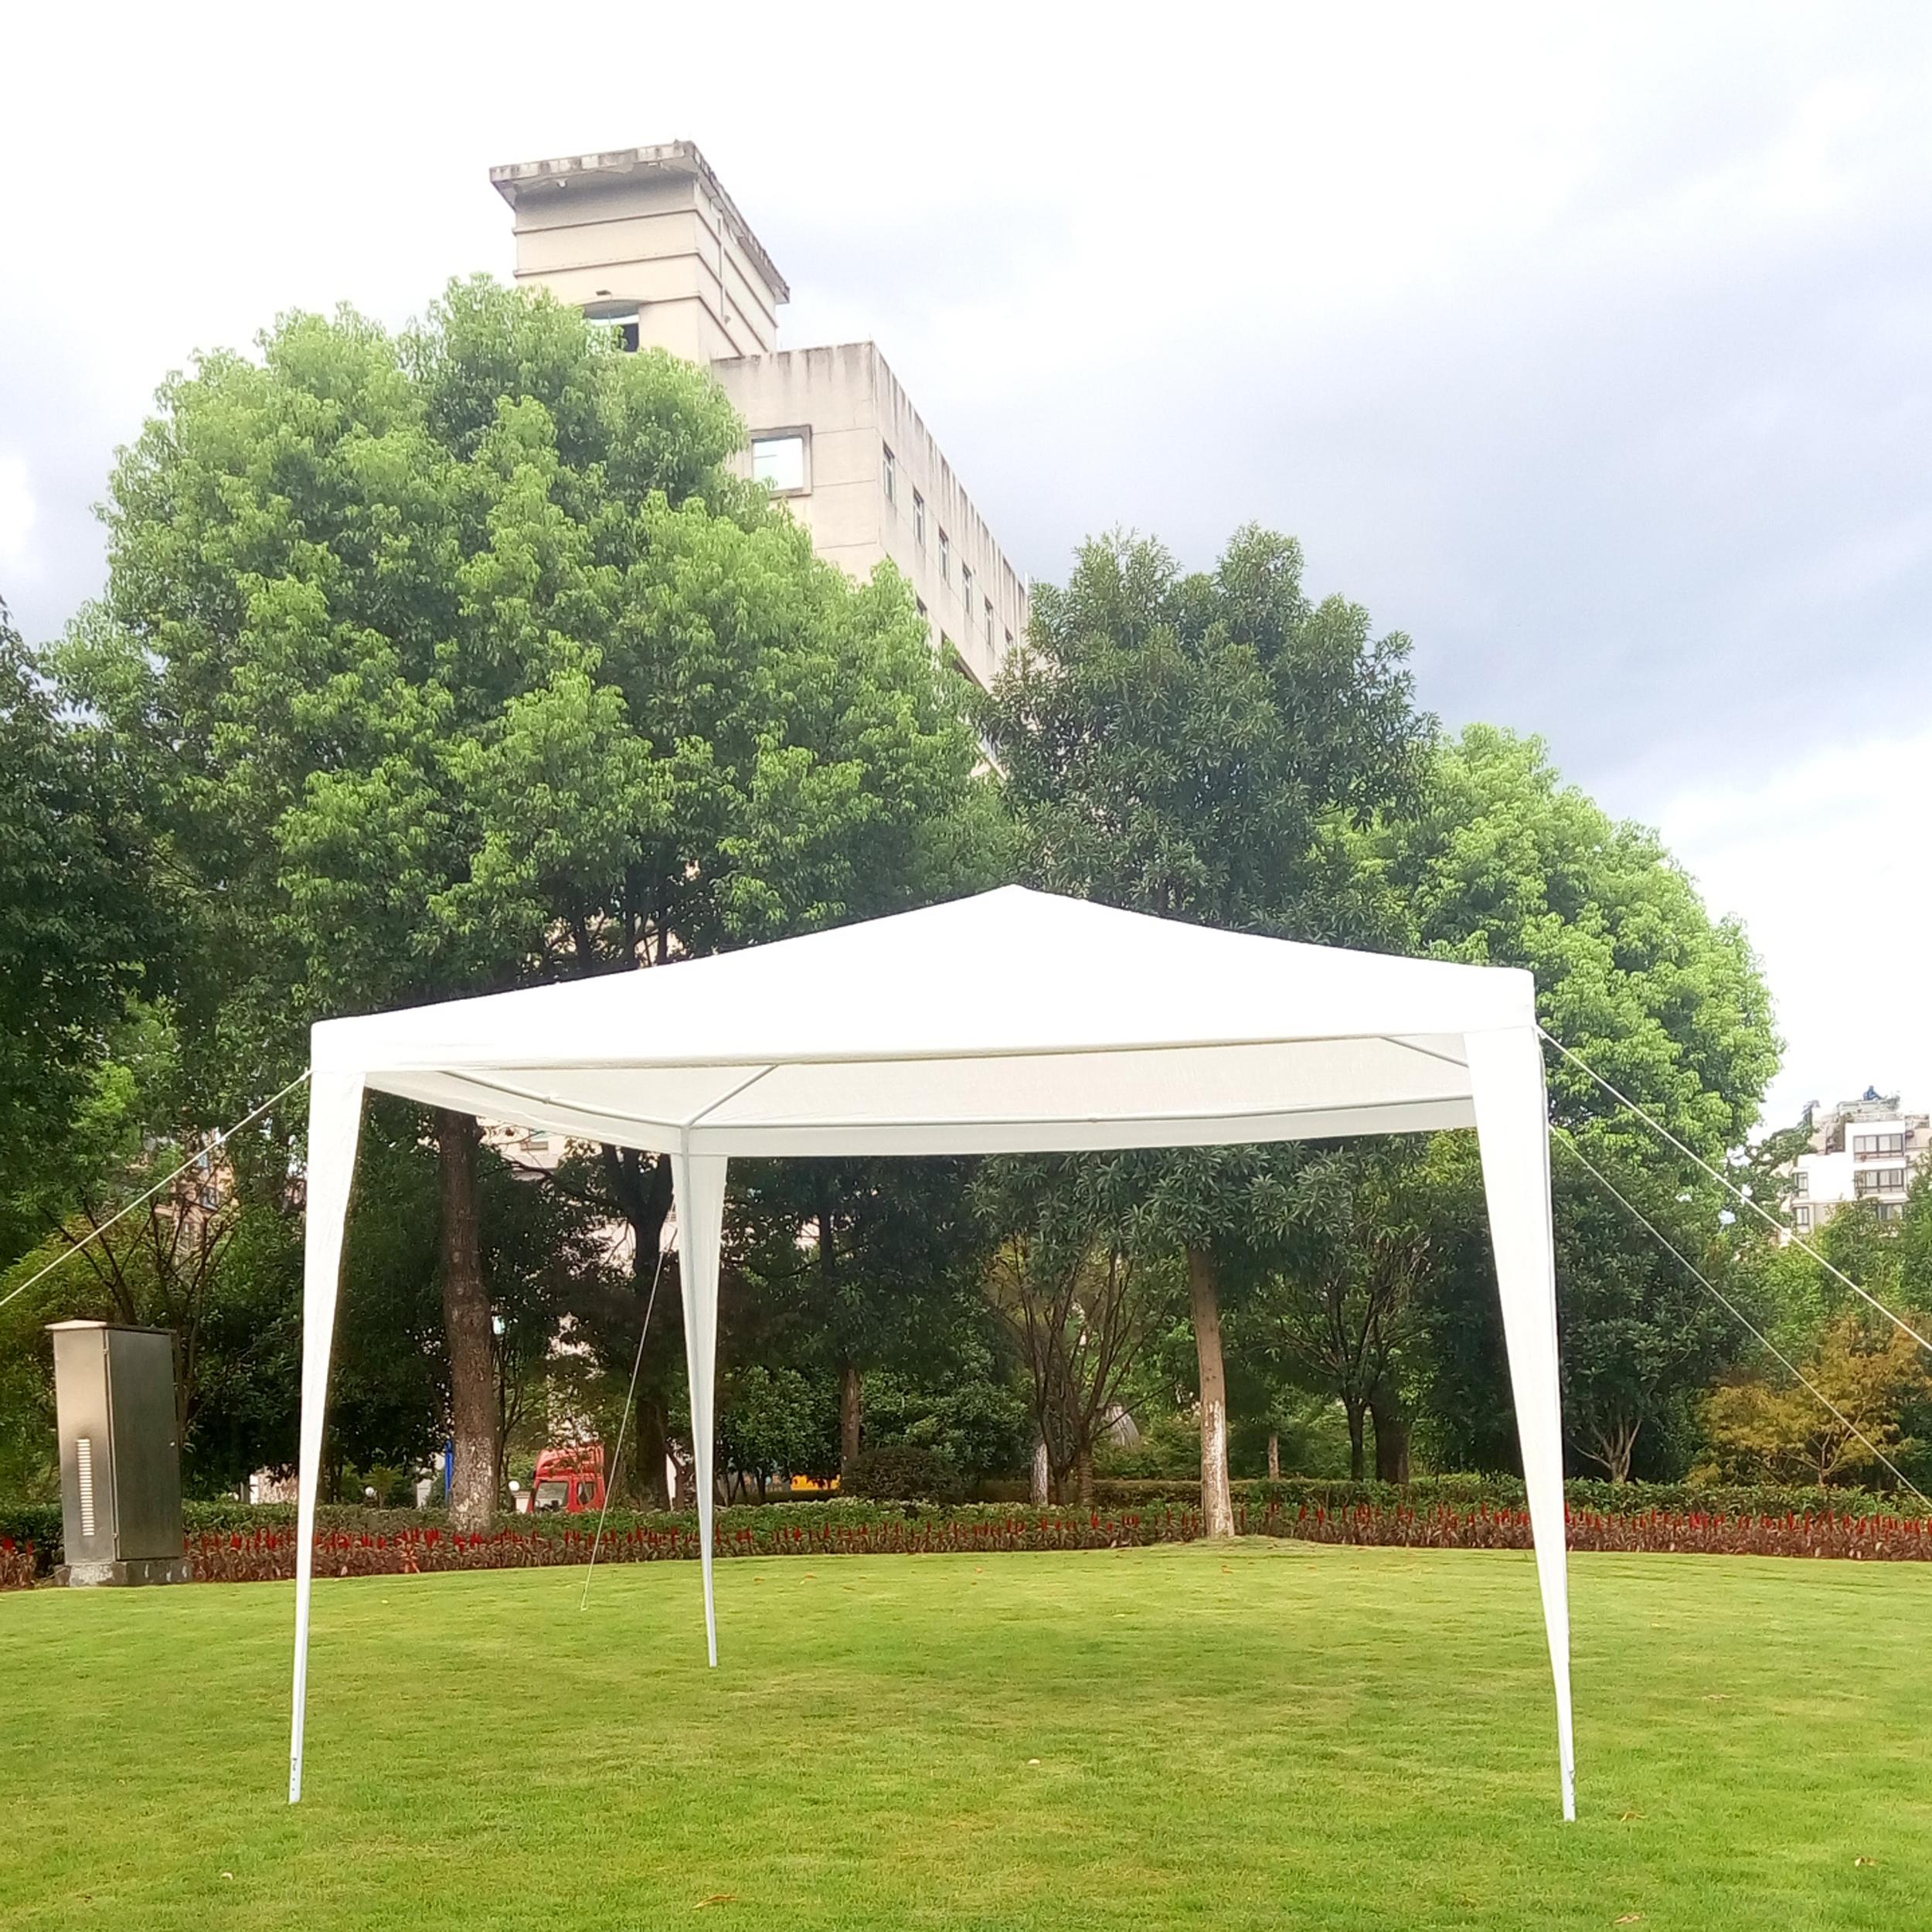 Heavy Duty Awning : Outdoor canopy party wedding tent patio heavy duty gazebo